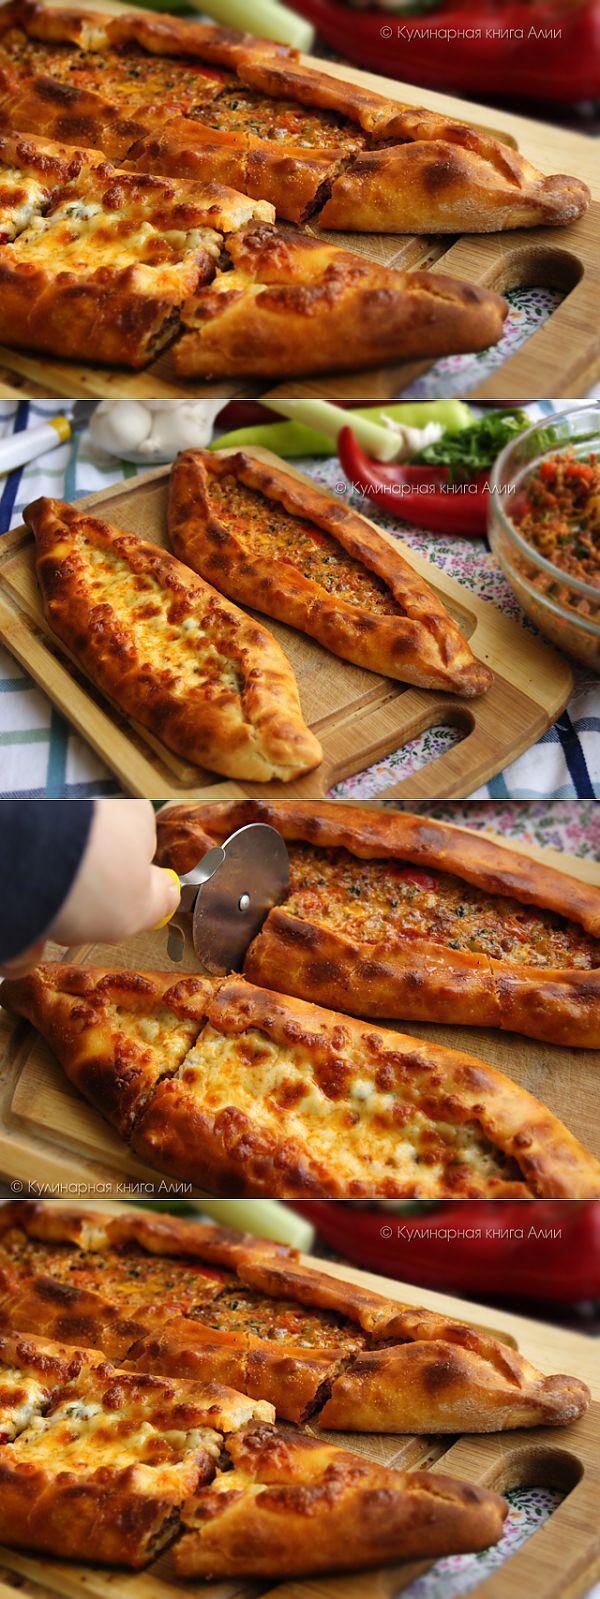 Pide (турецкая кухня). Советую приготовить...очень вкусно!!!